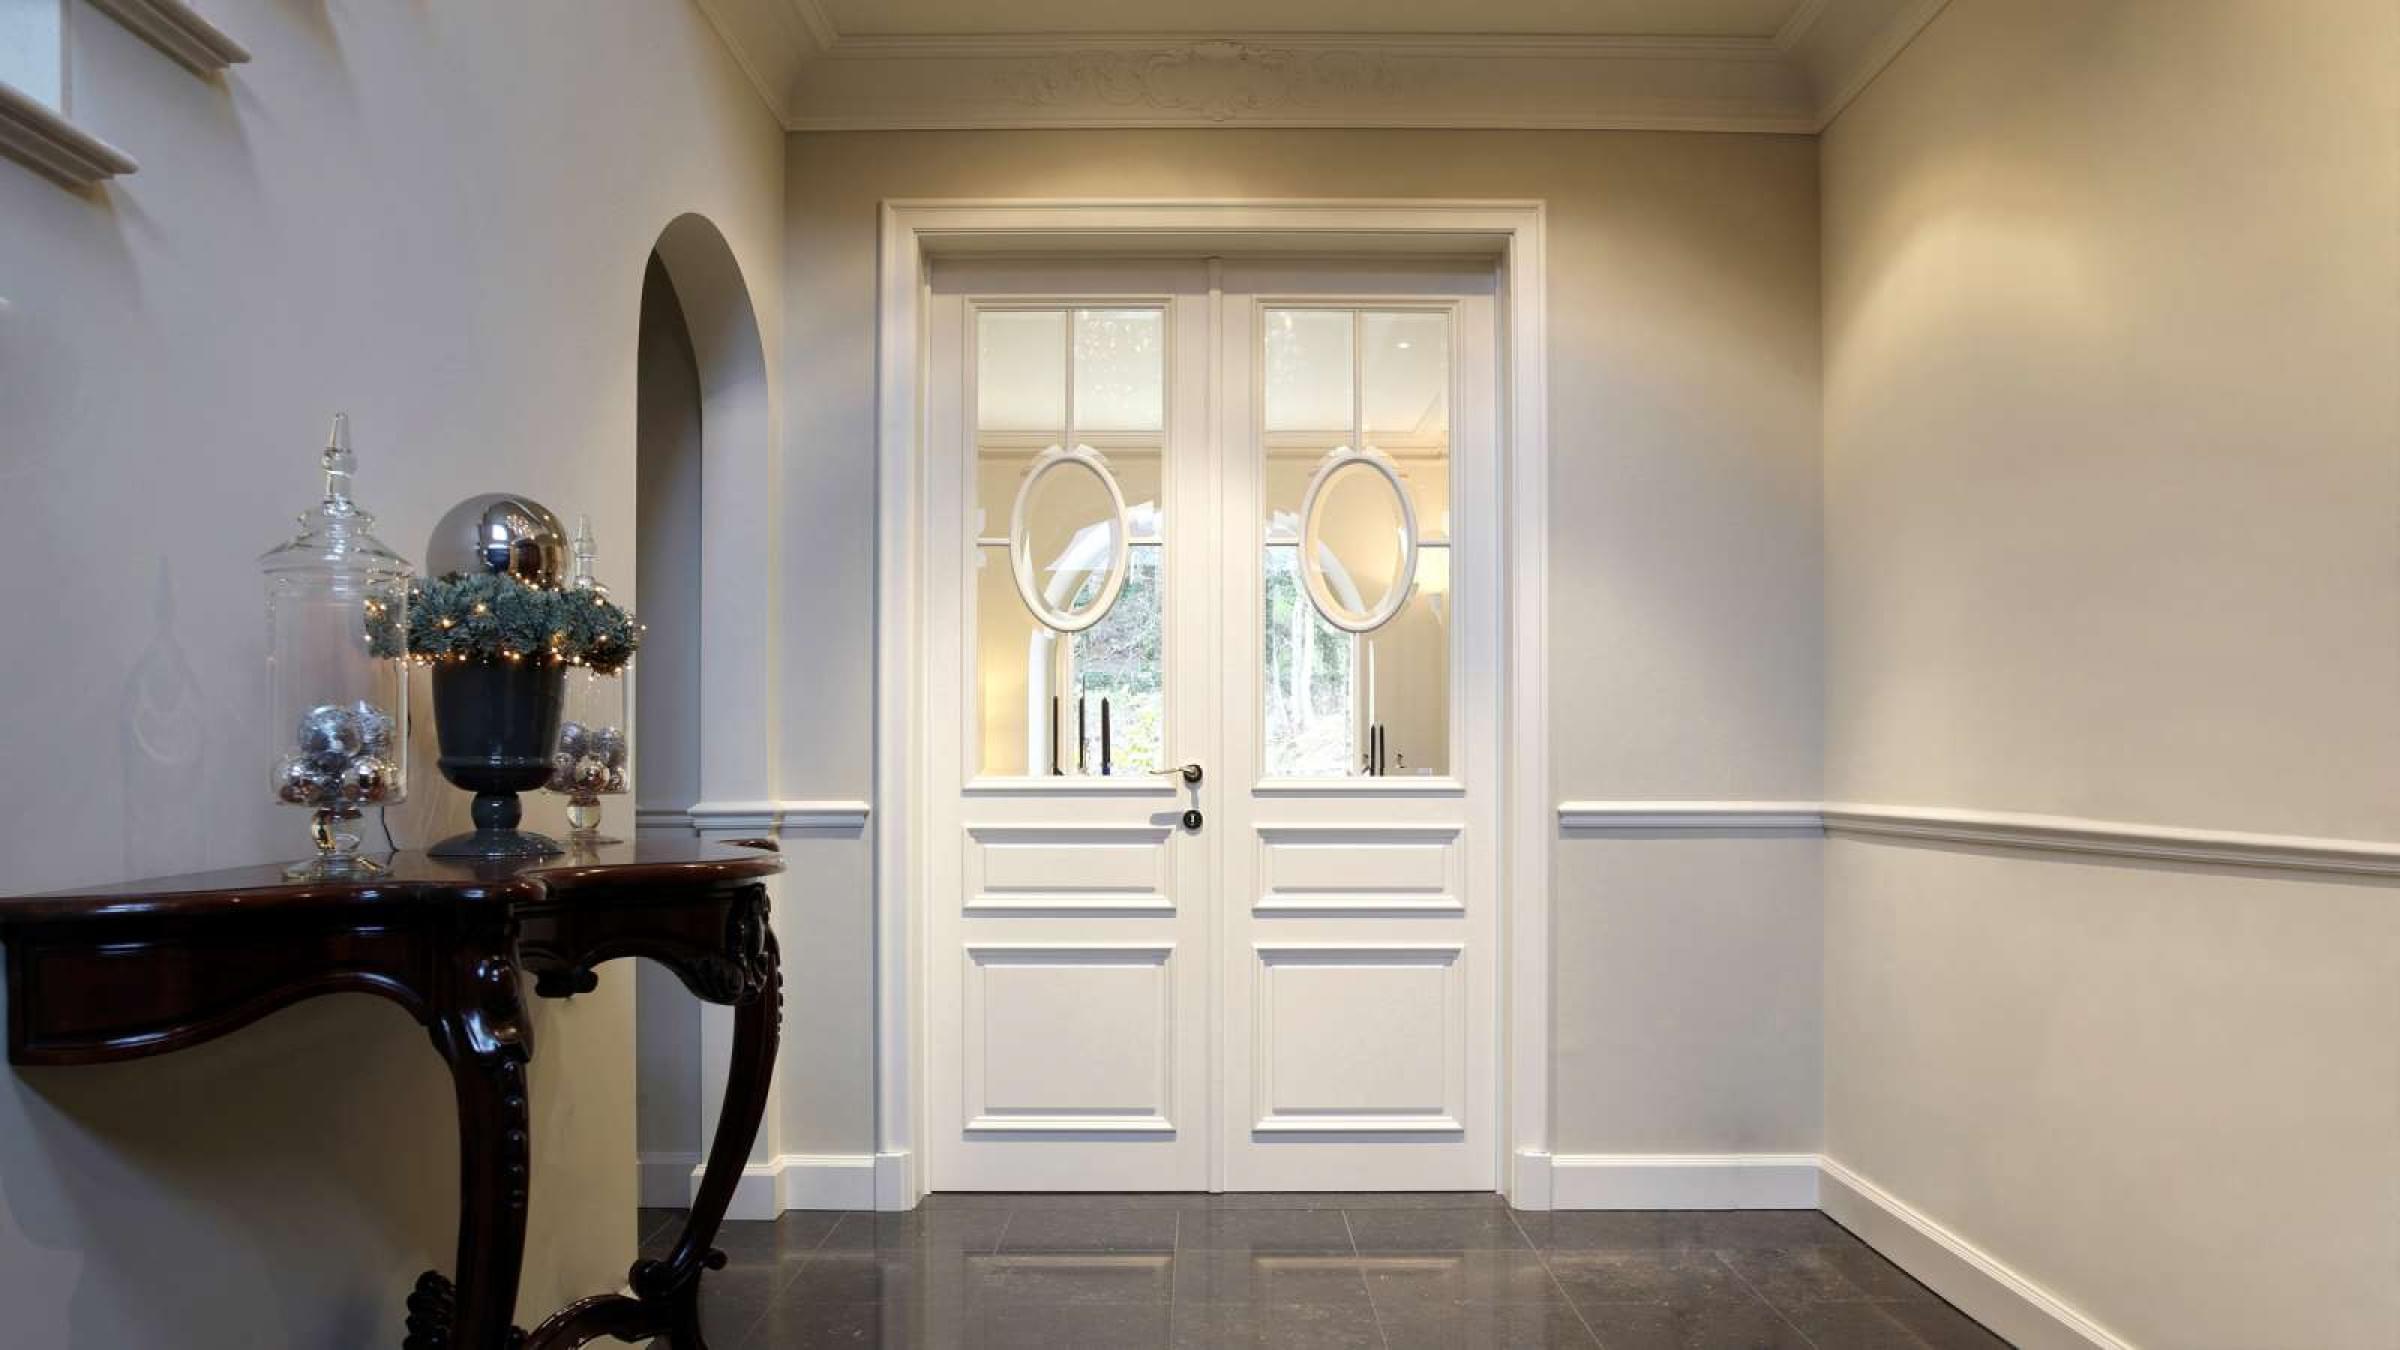 nordex-klassieke-deuren-intieme-sfeer